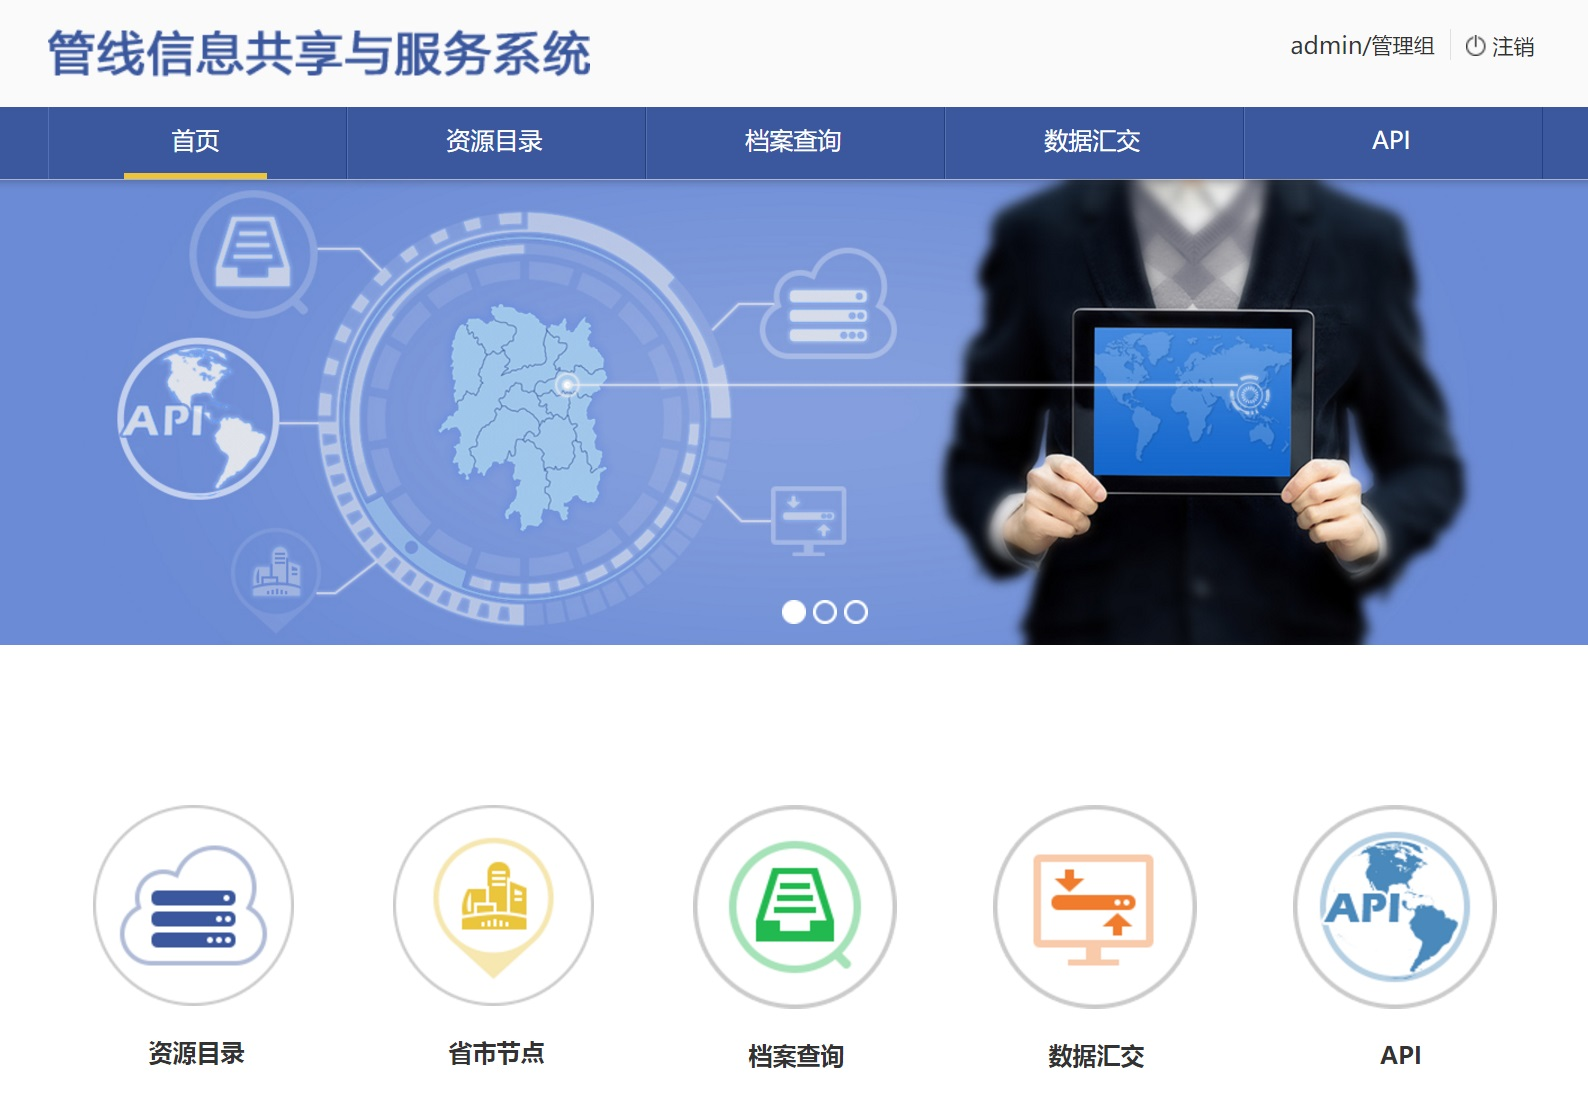 管线信息共享与服务系统